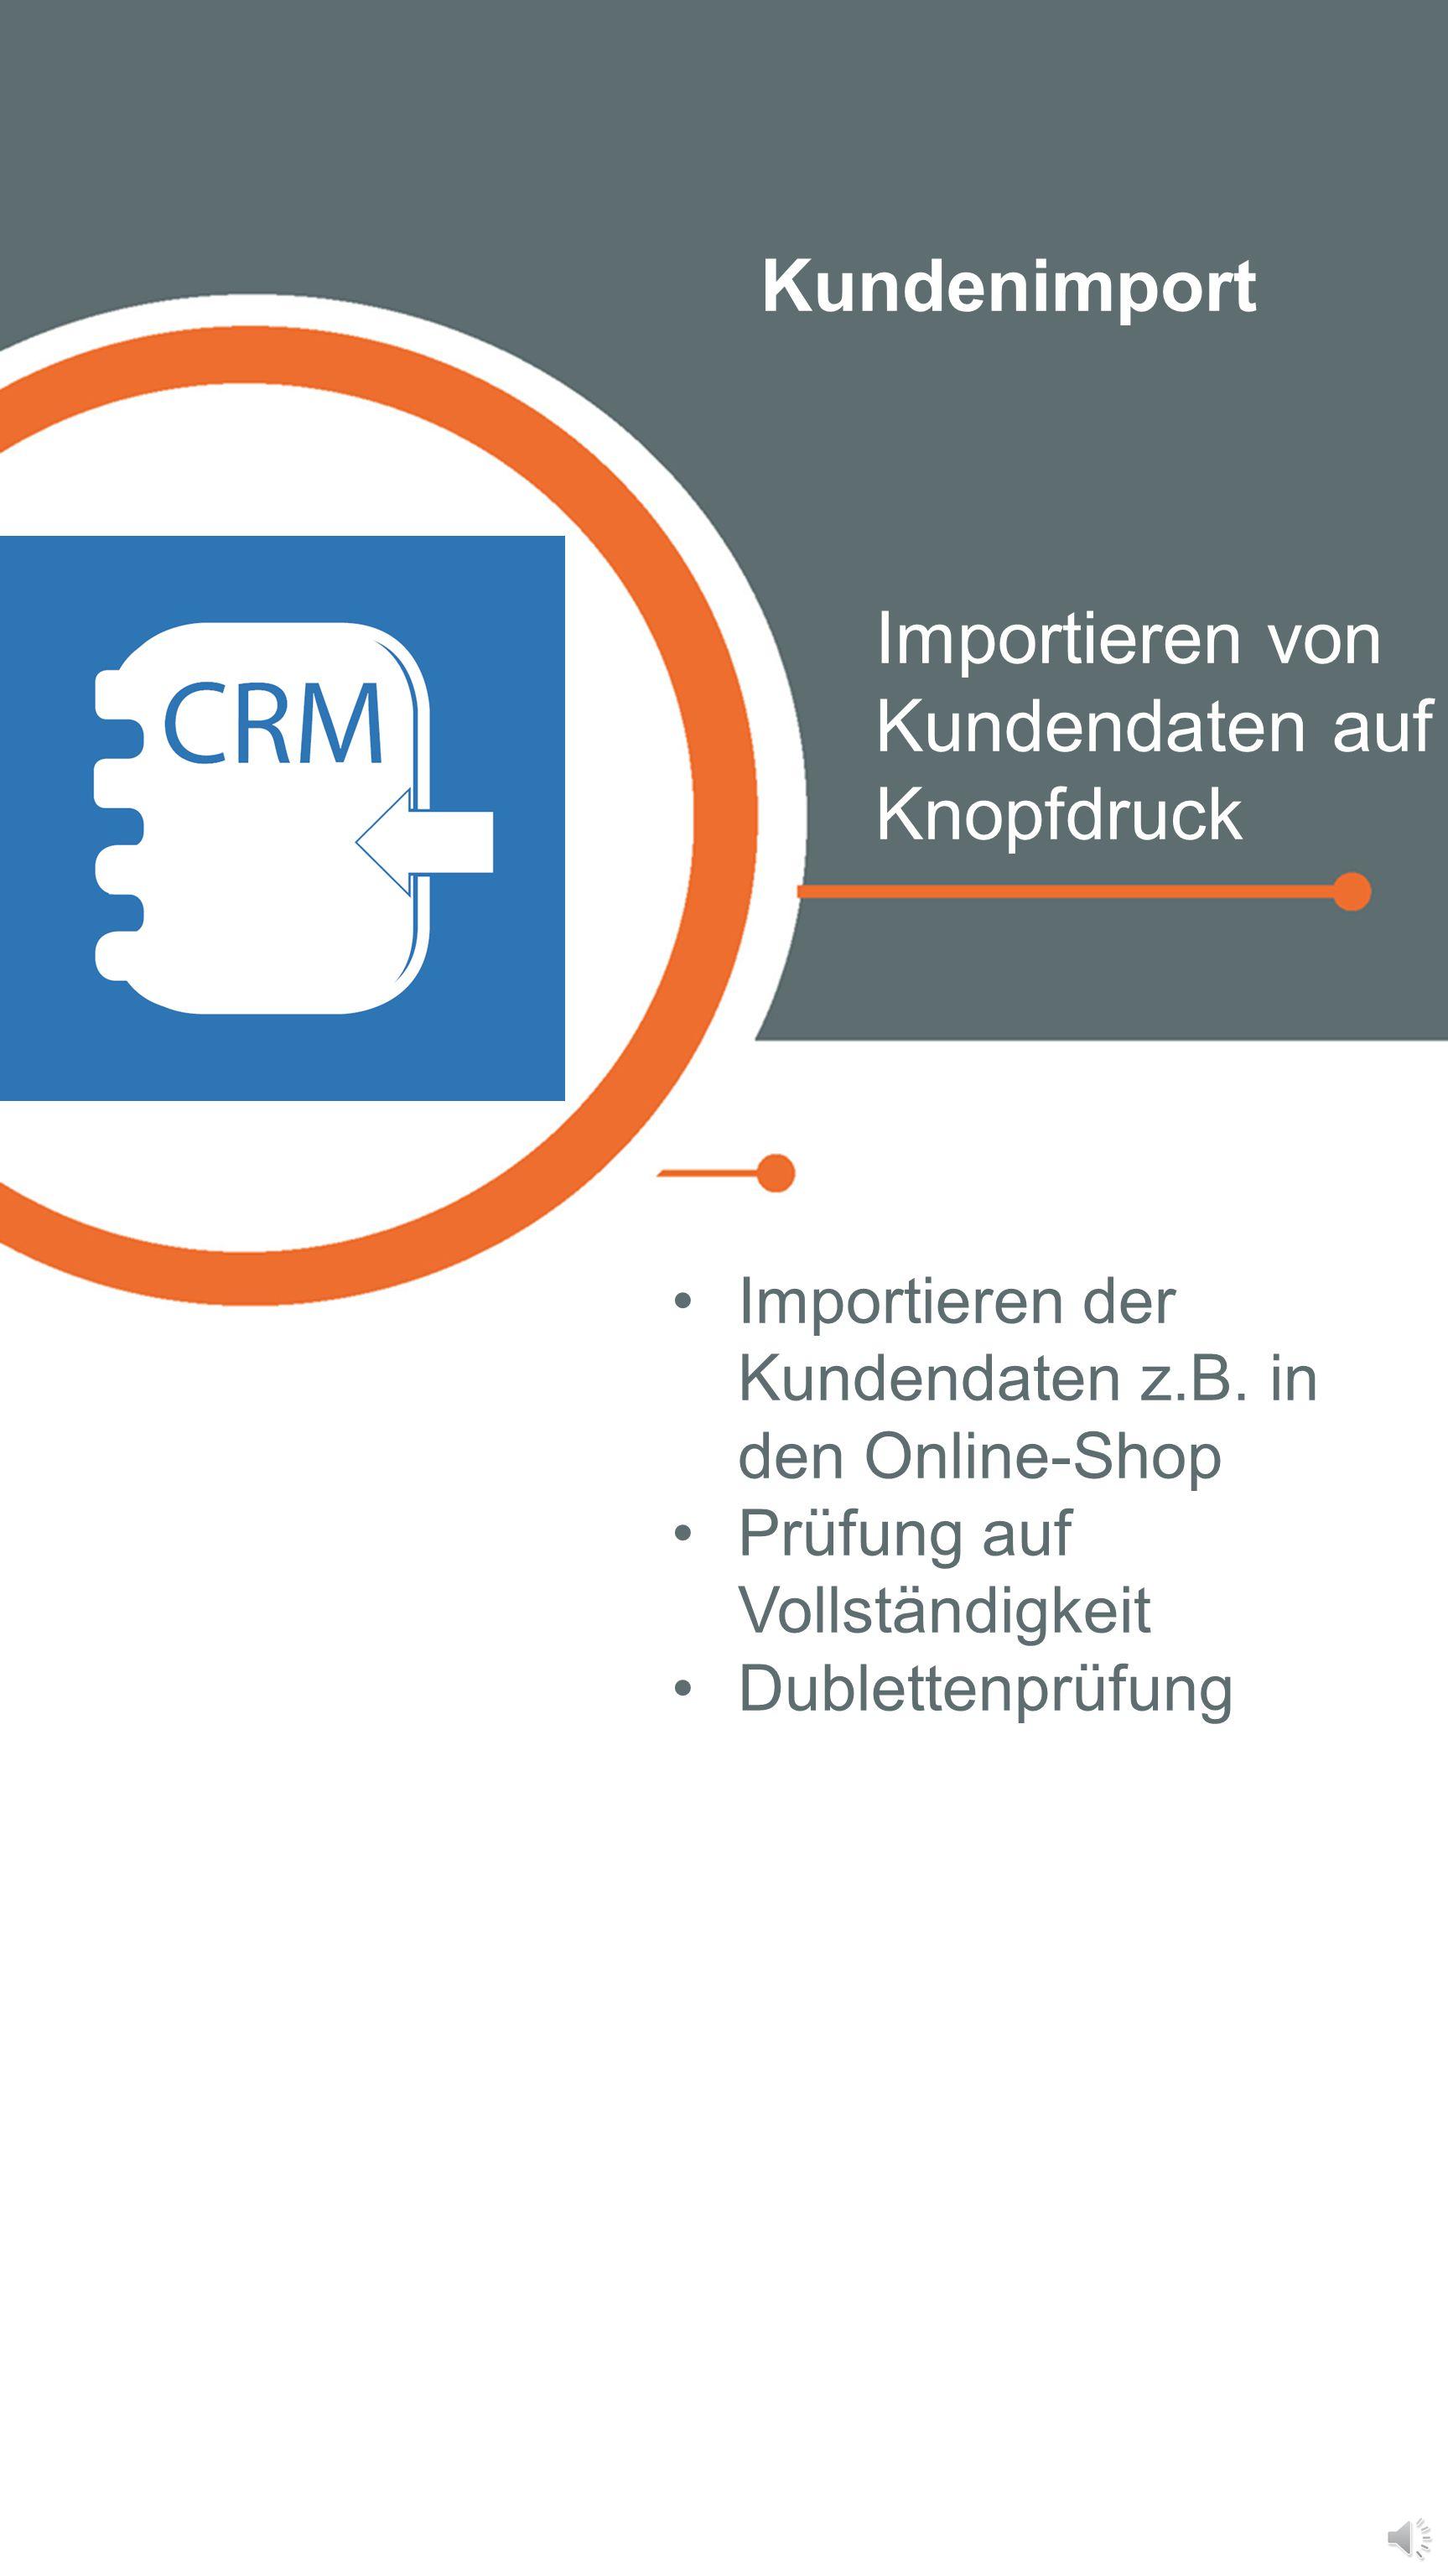 Kundenverwaltung Von der Analyse bis zur Kundenpflege Kundenkarten, Bonussysteme, individuelle Rabatte Selektiver Datenexport mit Seriendruckfunktion